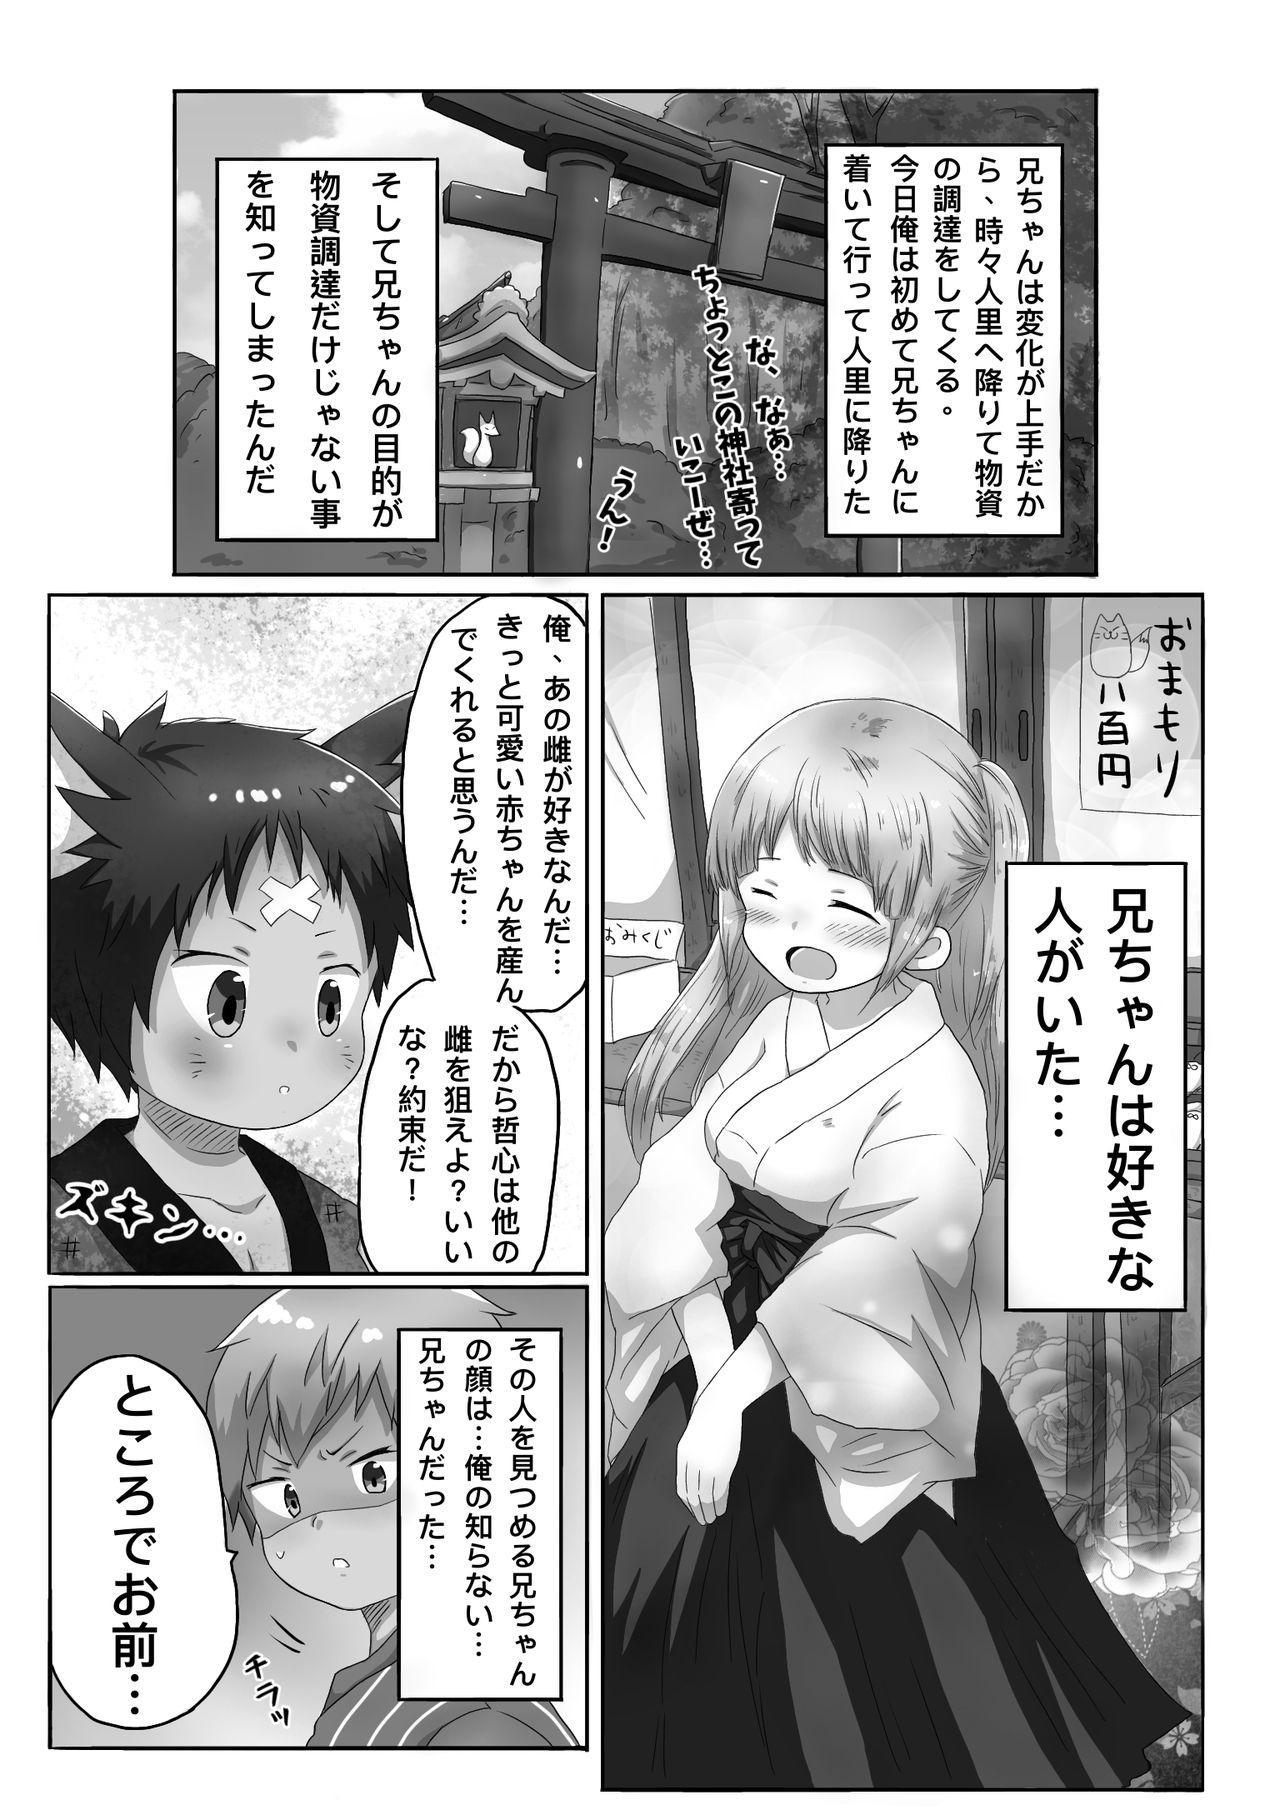 ゴロタ - 狐男児の話 7